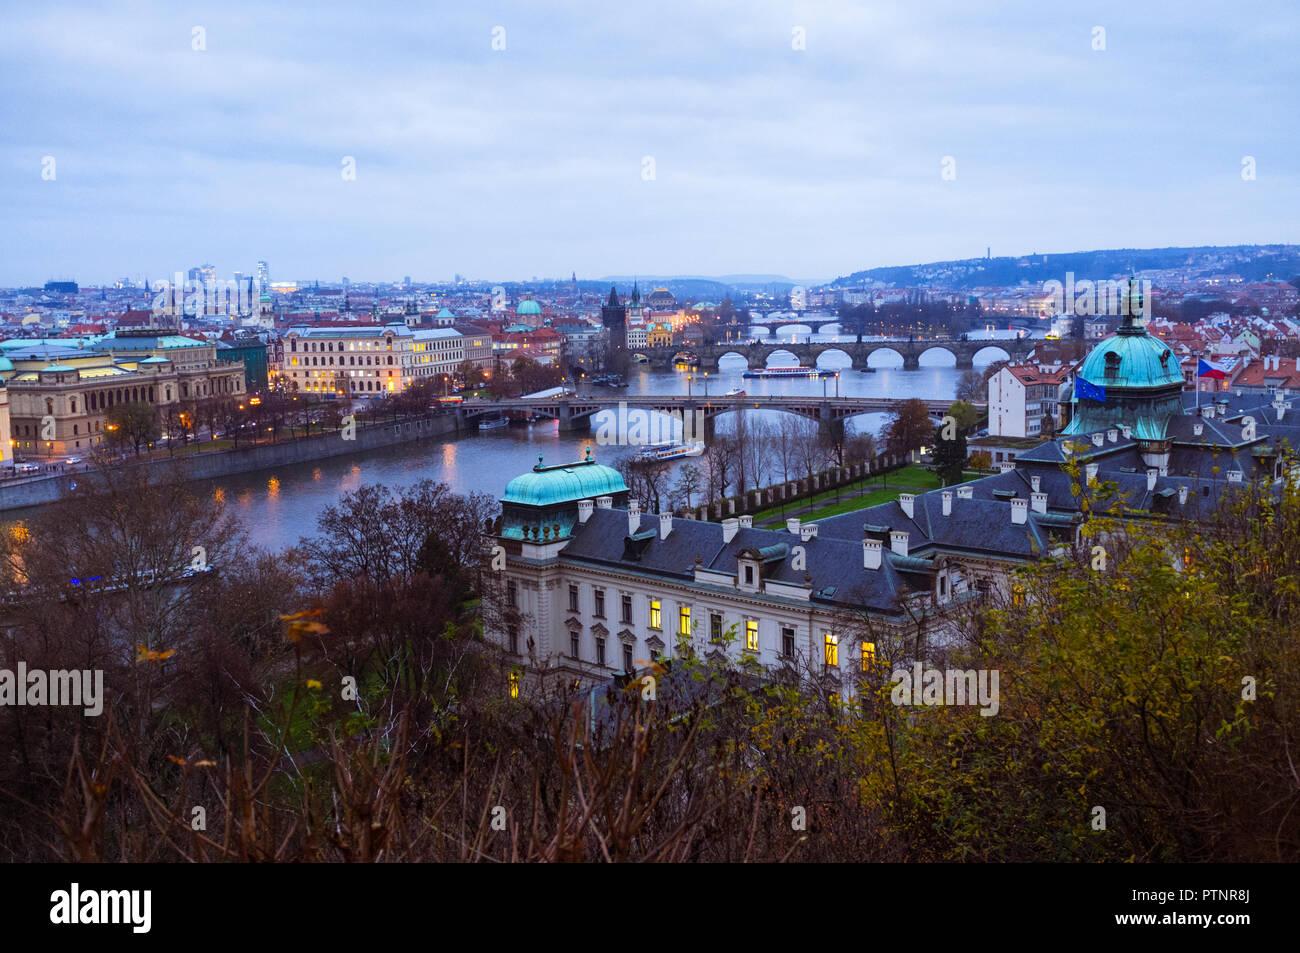 Praga, Repubblica Ceca : alto angolo di visione dei ponti sul fiume Vltava, come visto dalla collina di Letná. Foto Stock